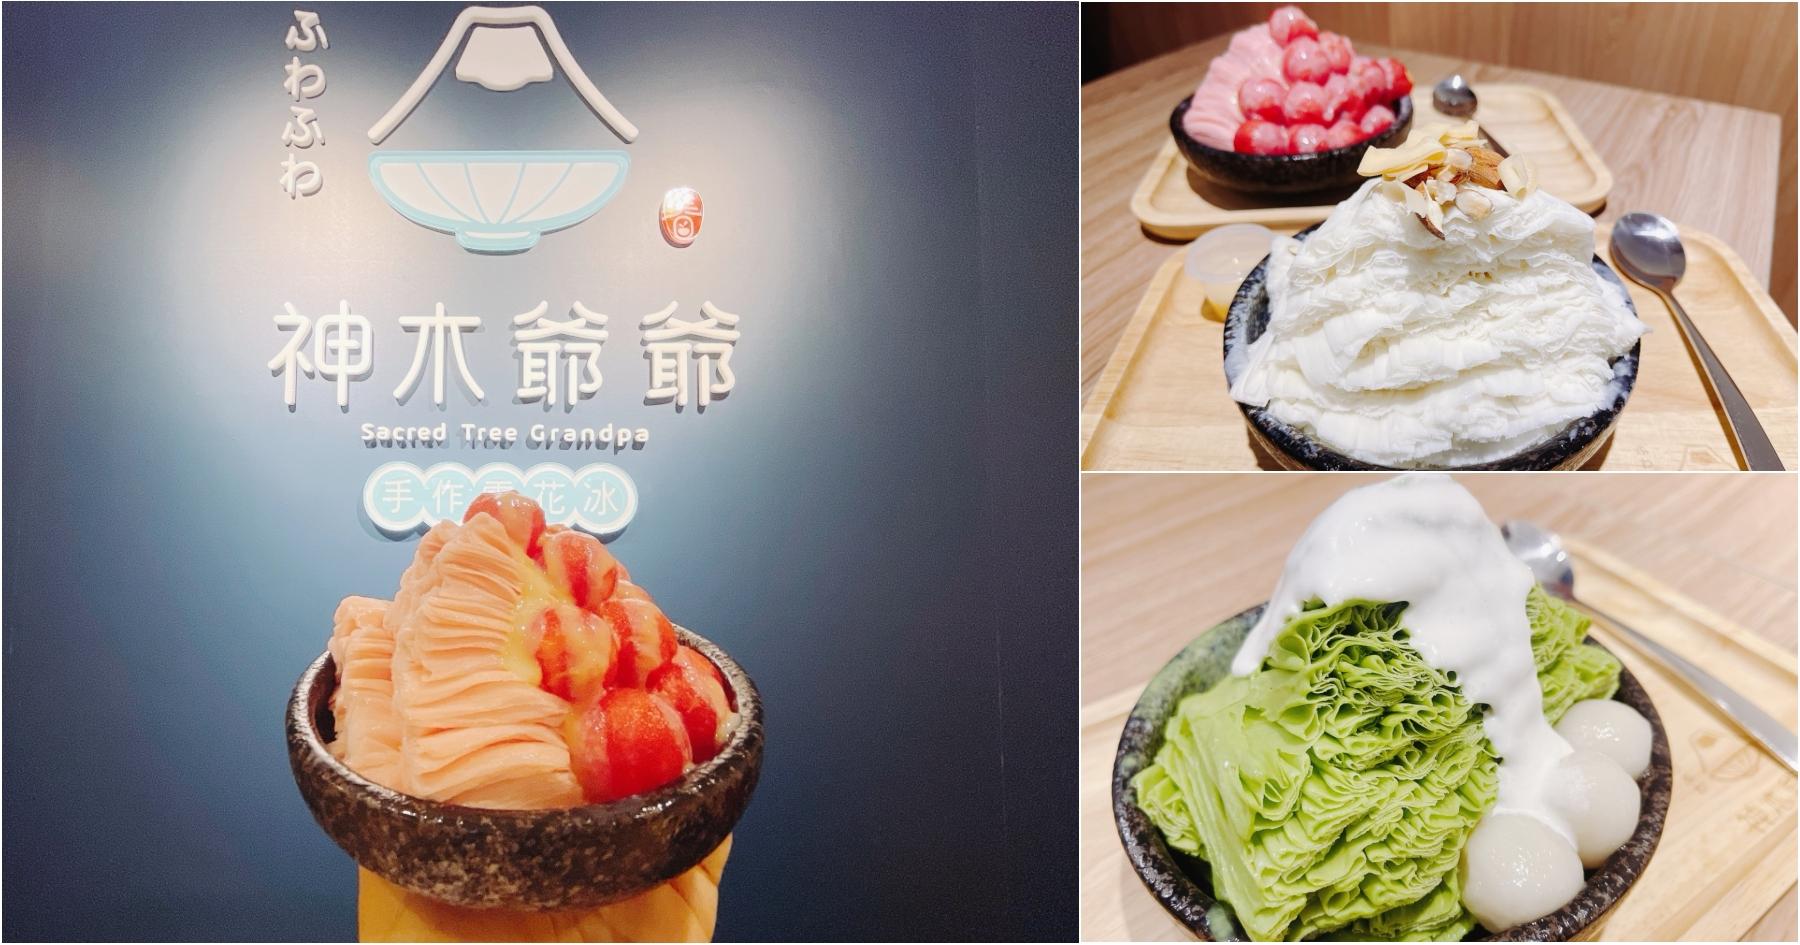 [八德美食]神木爺爺手作雪花冰|水果製冰磚~可愛的小丸子西瓜雪花冰 @VIVIYU小世界